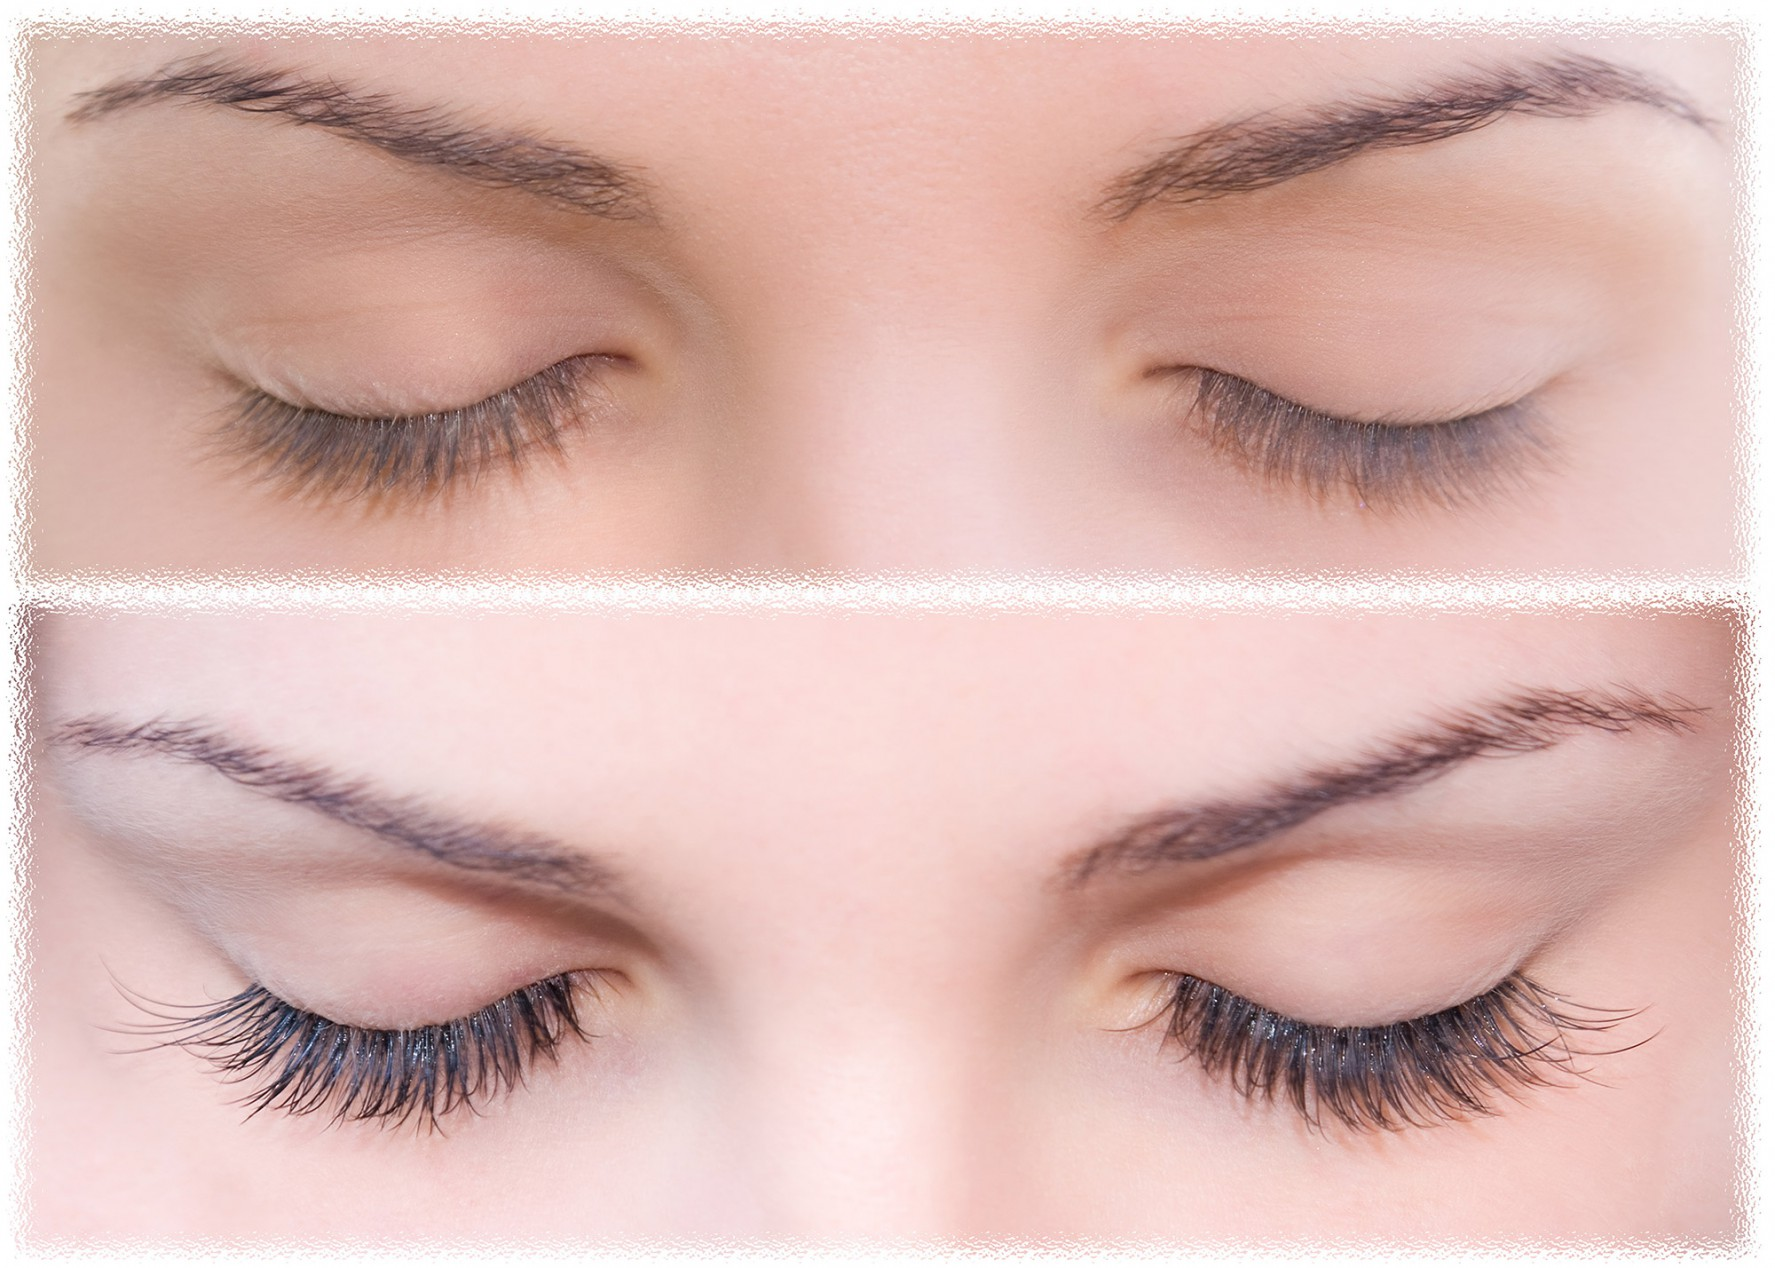 Make-Up Treatments at FLS